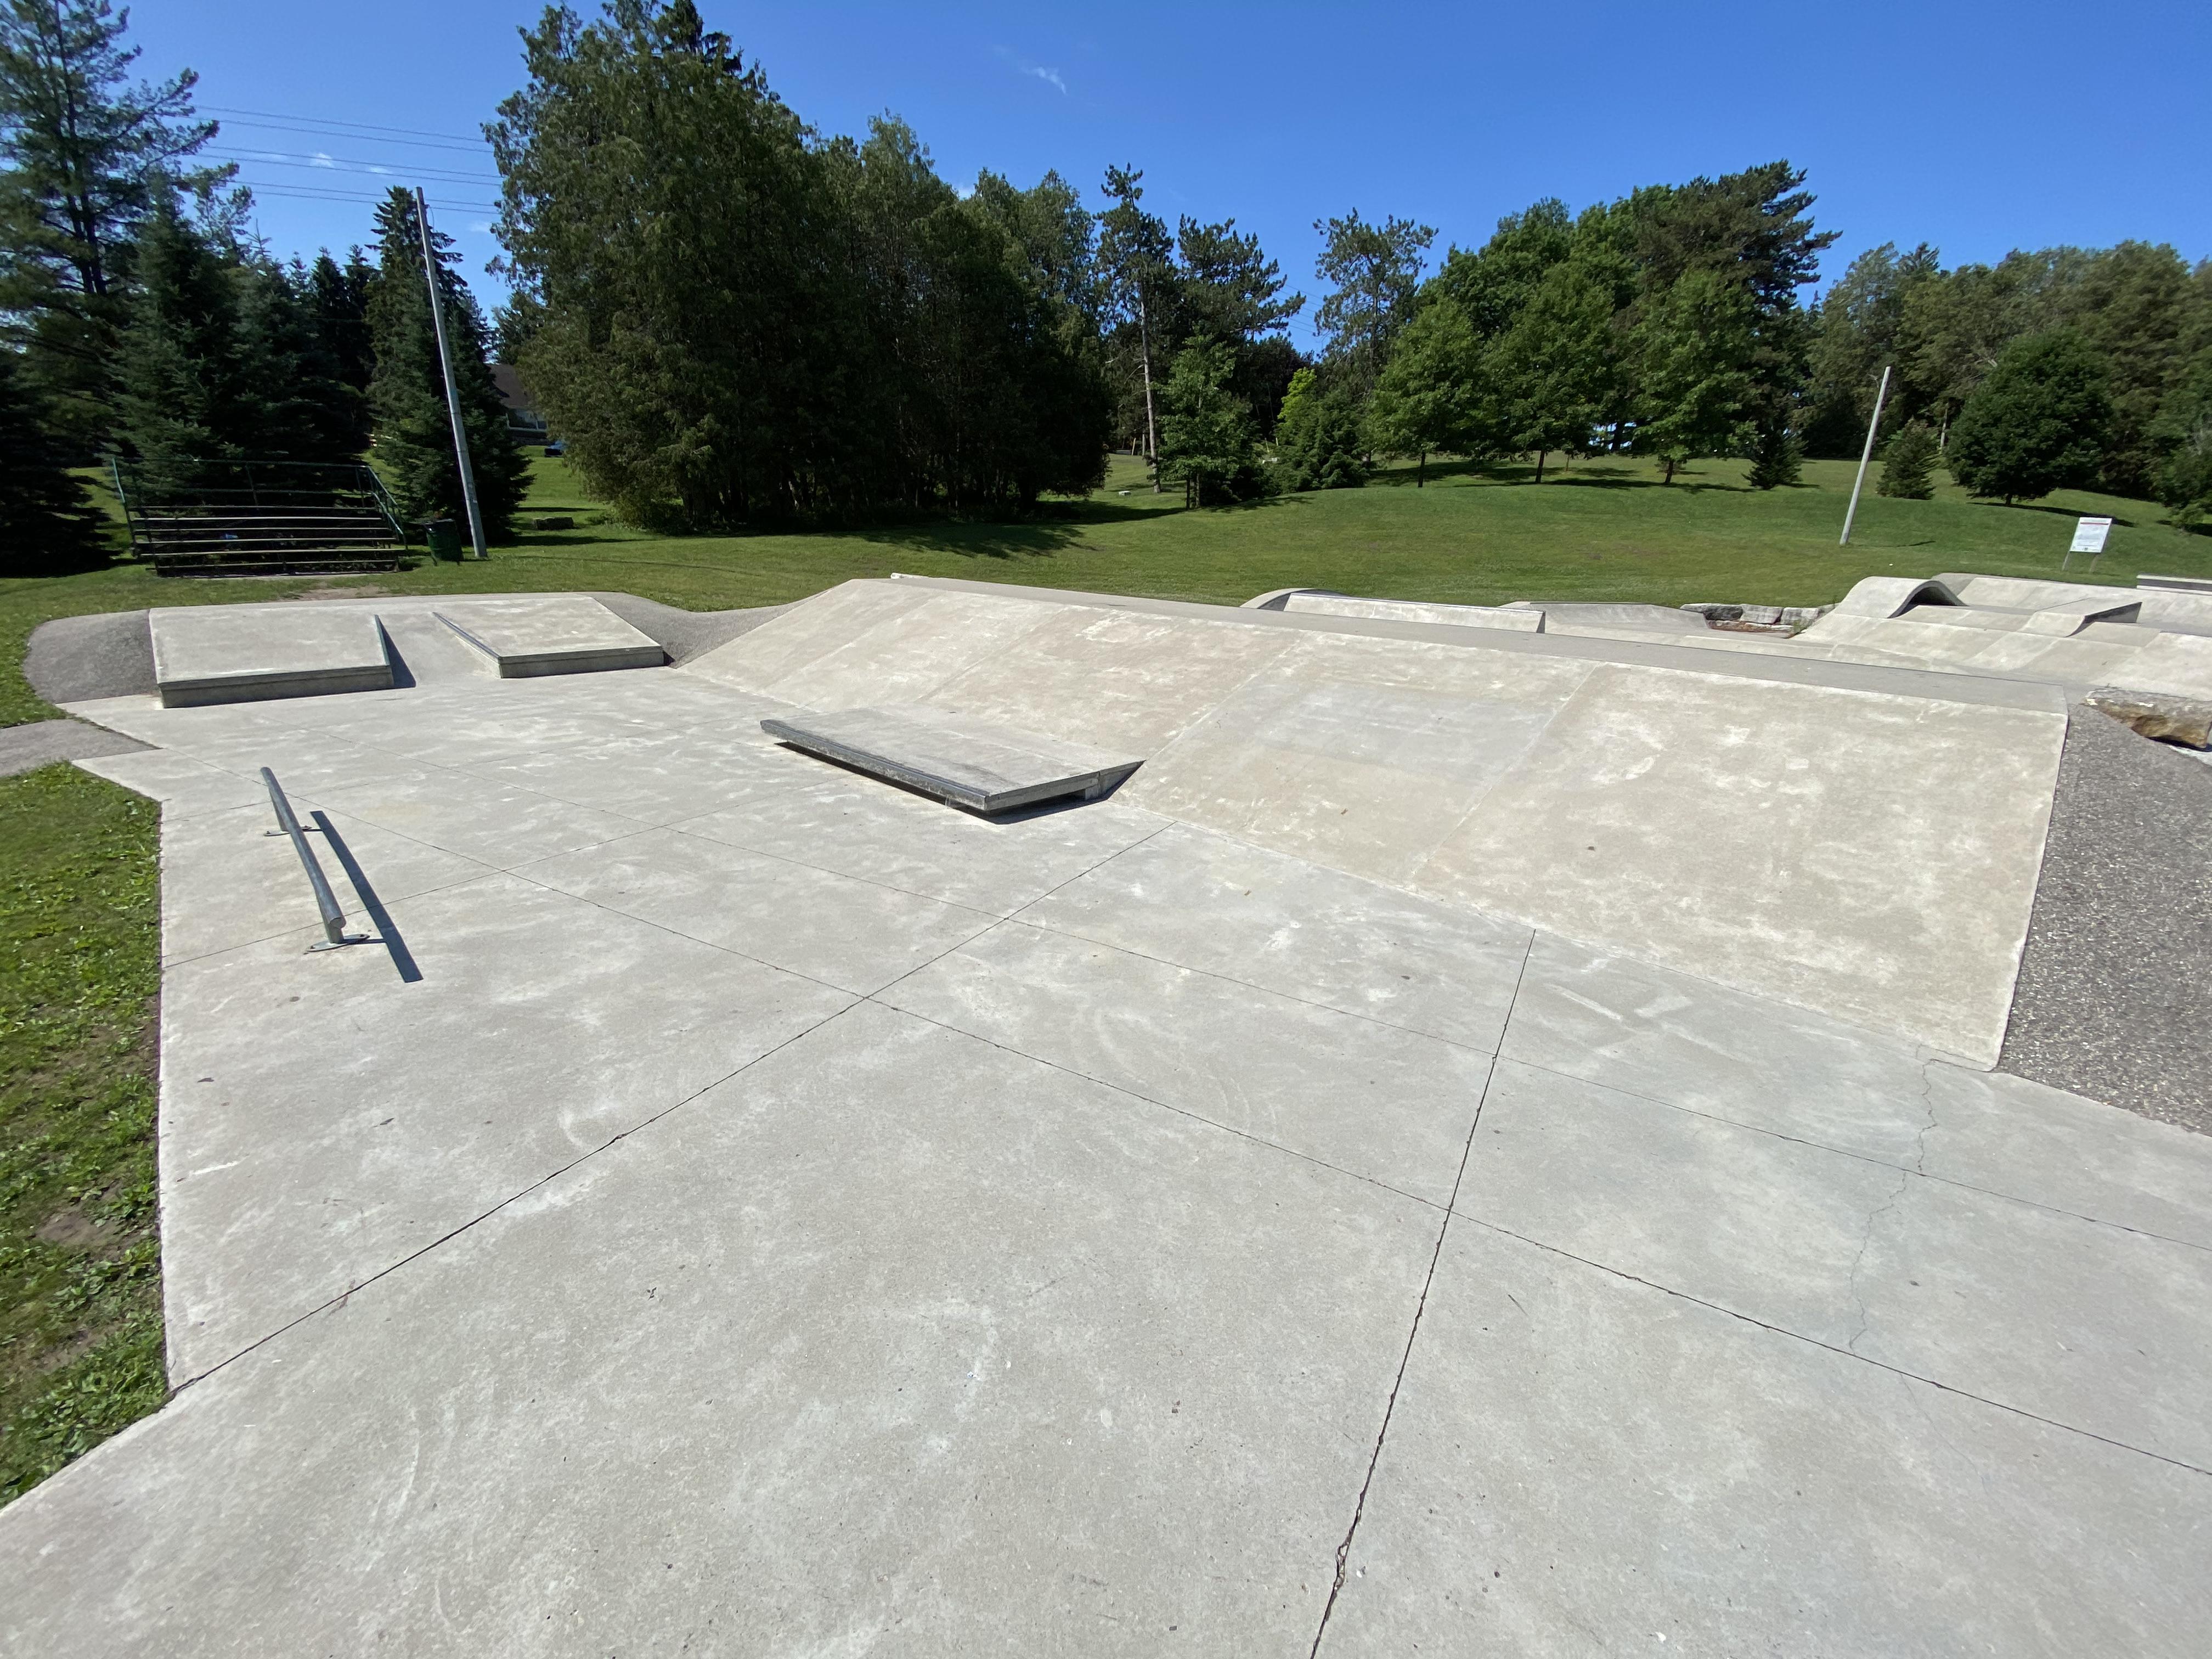 woodstock skatepark plaza section